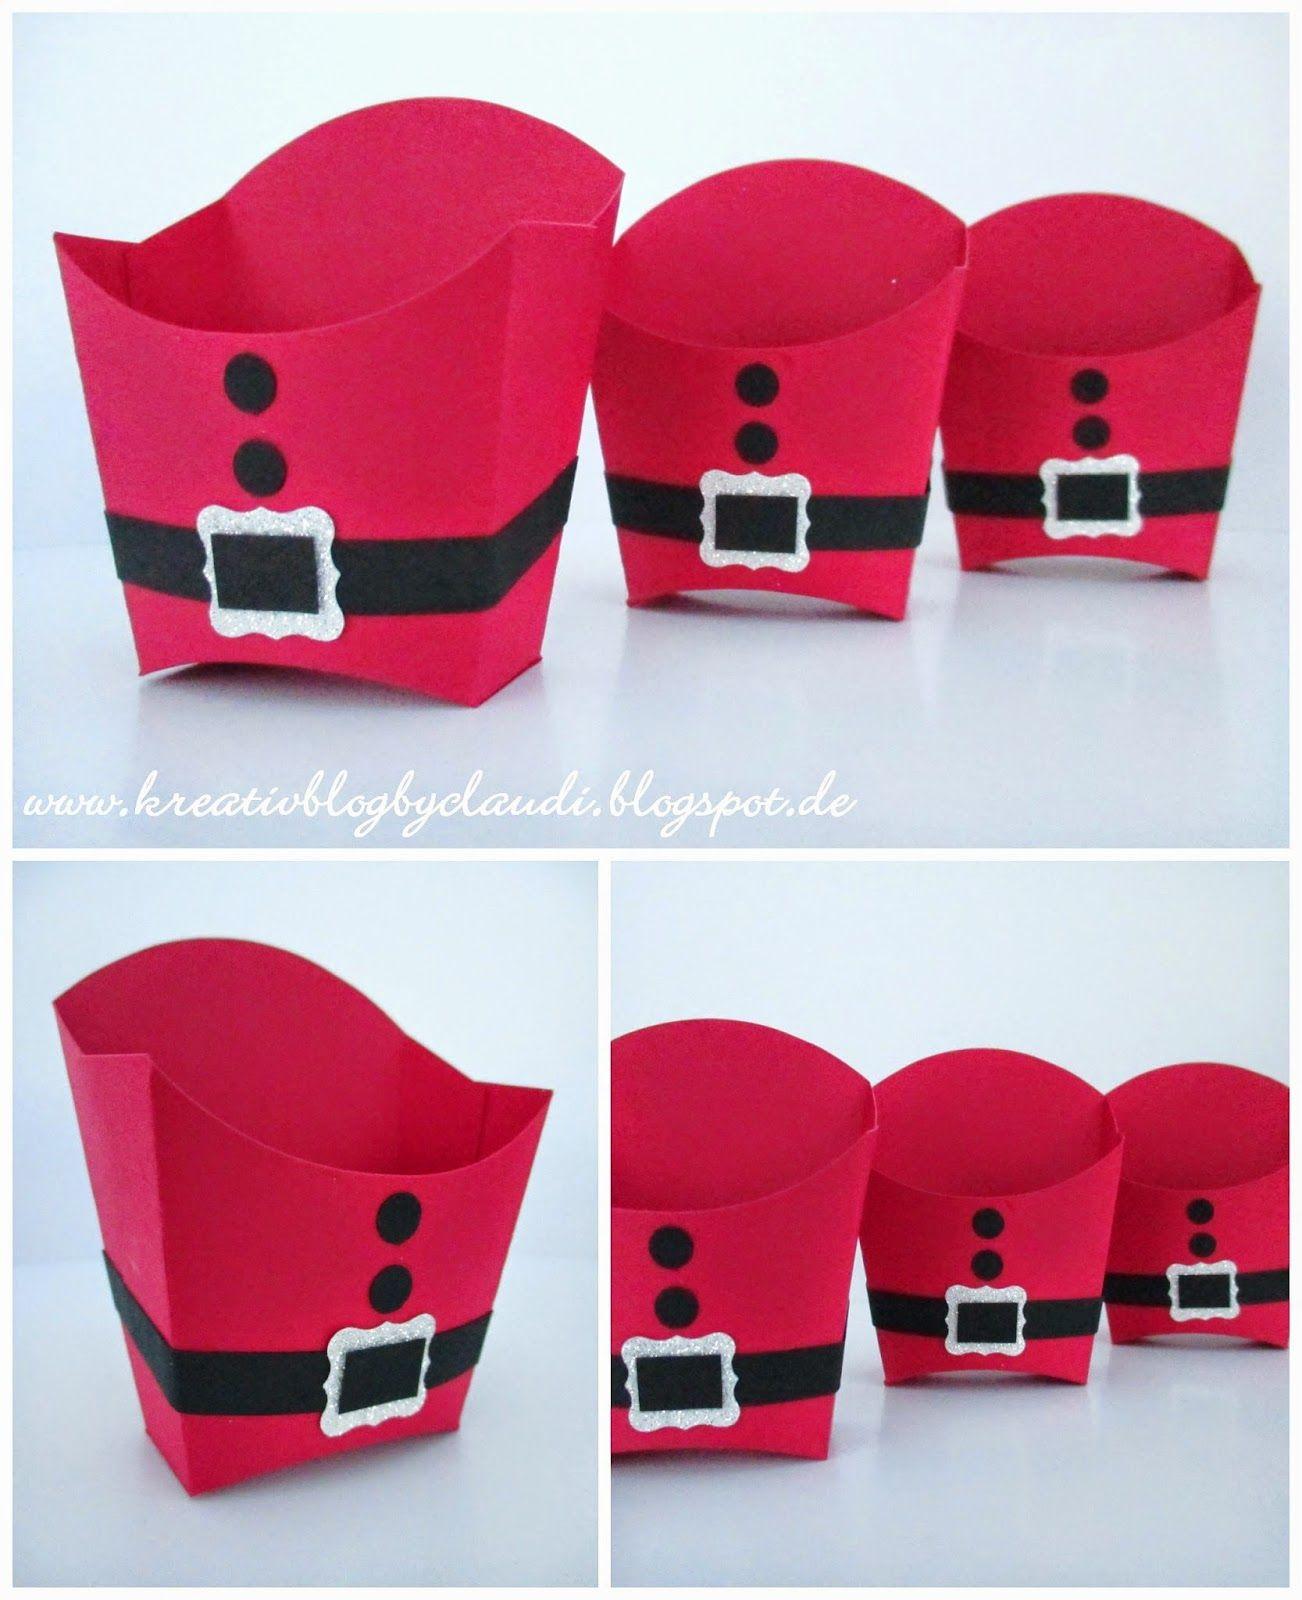 kreativ blog by claudi alles zu weihnachten diy. Black Bedroom Furniture Sets. Home Design Ideas